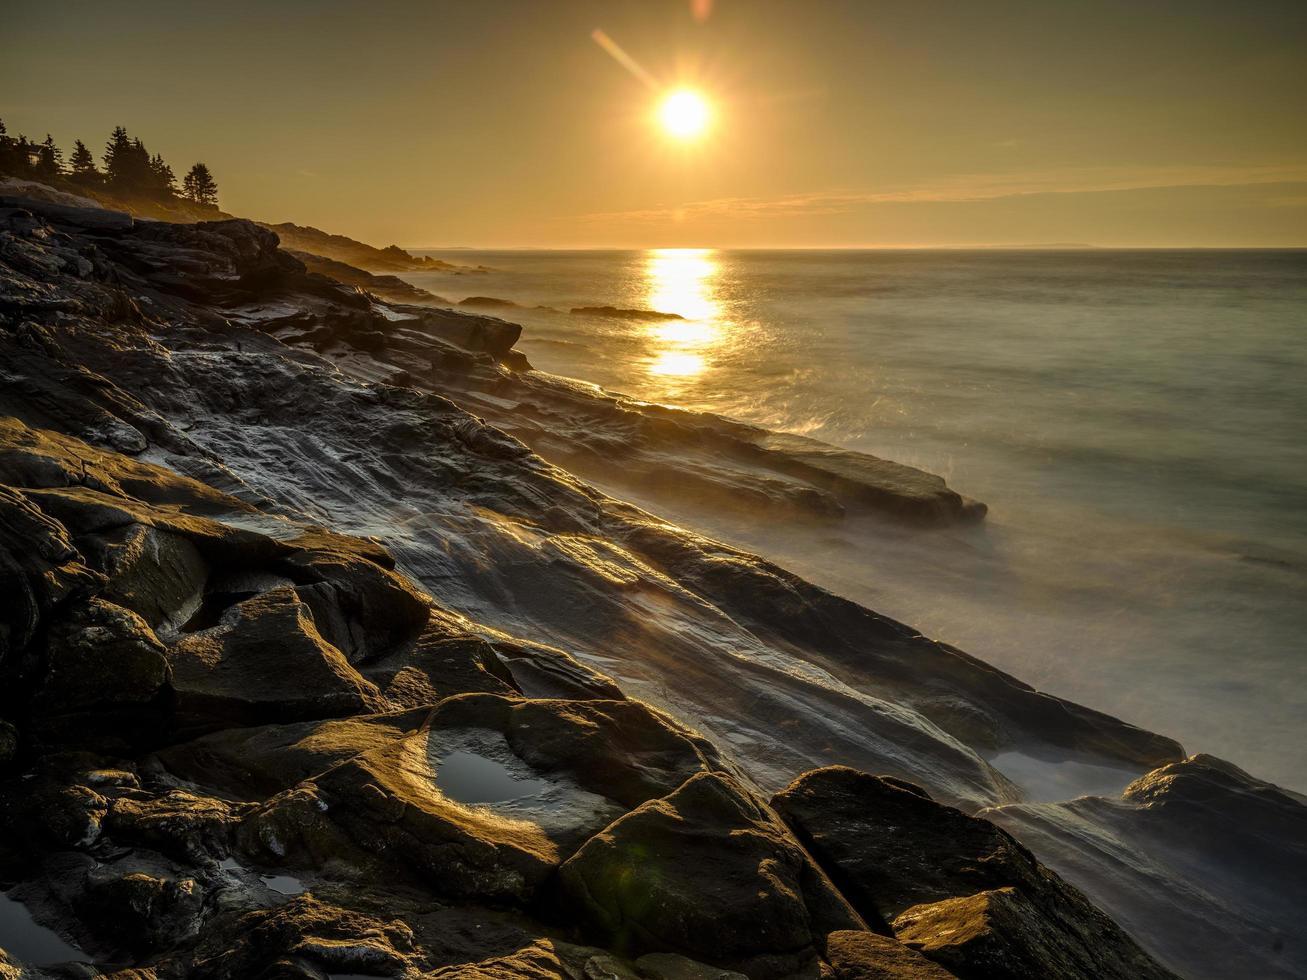 larga exposición de las olas del océano en la playa rocosa foto